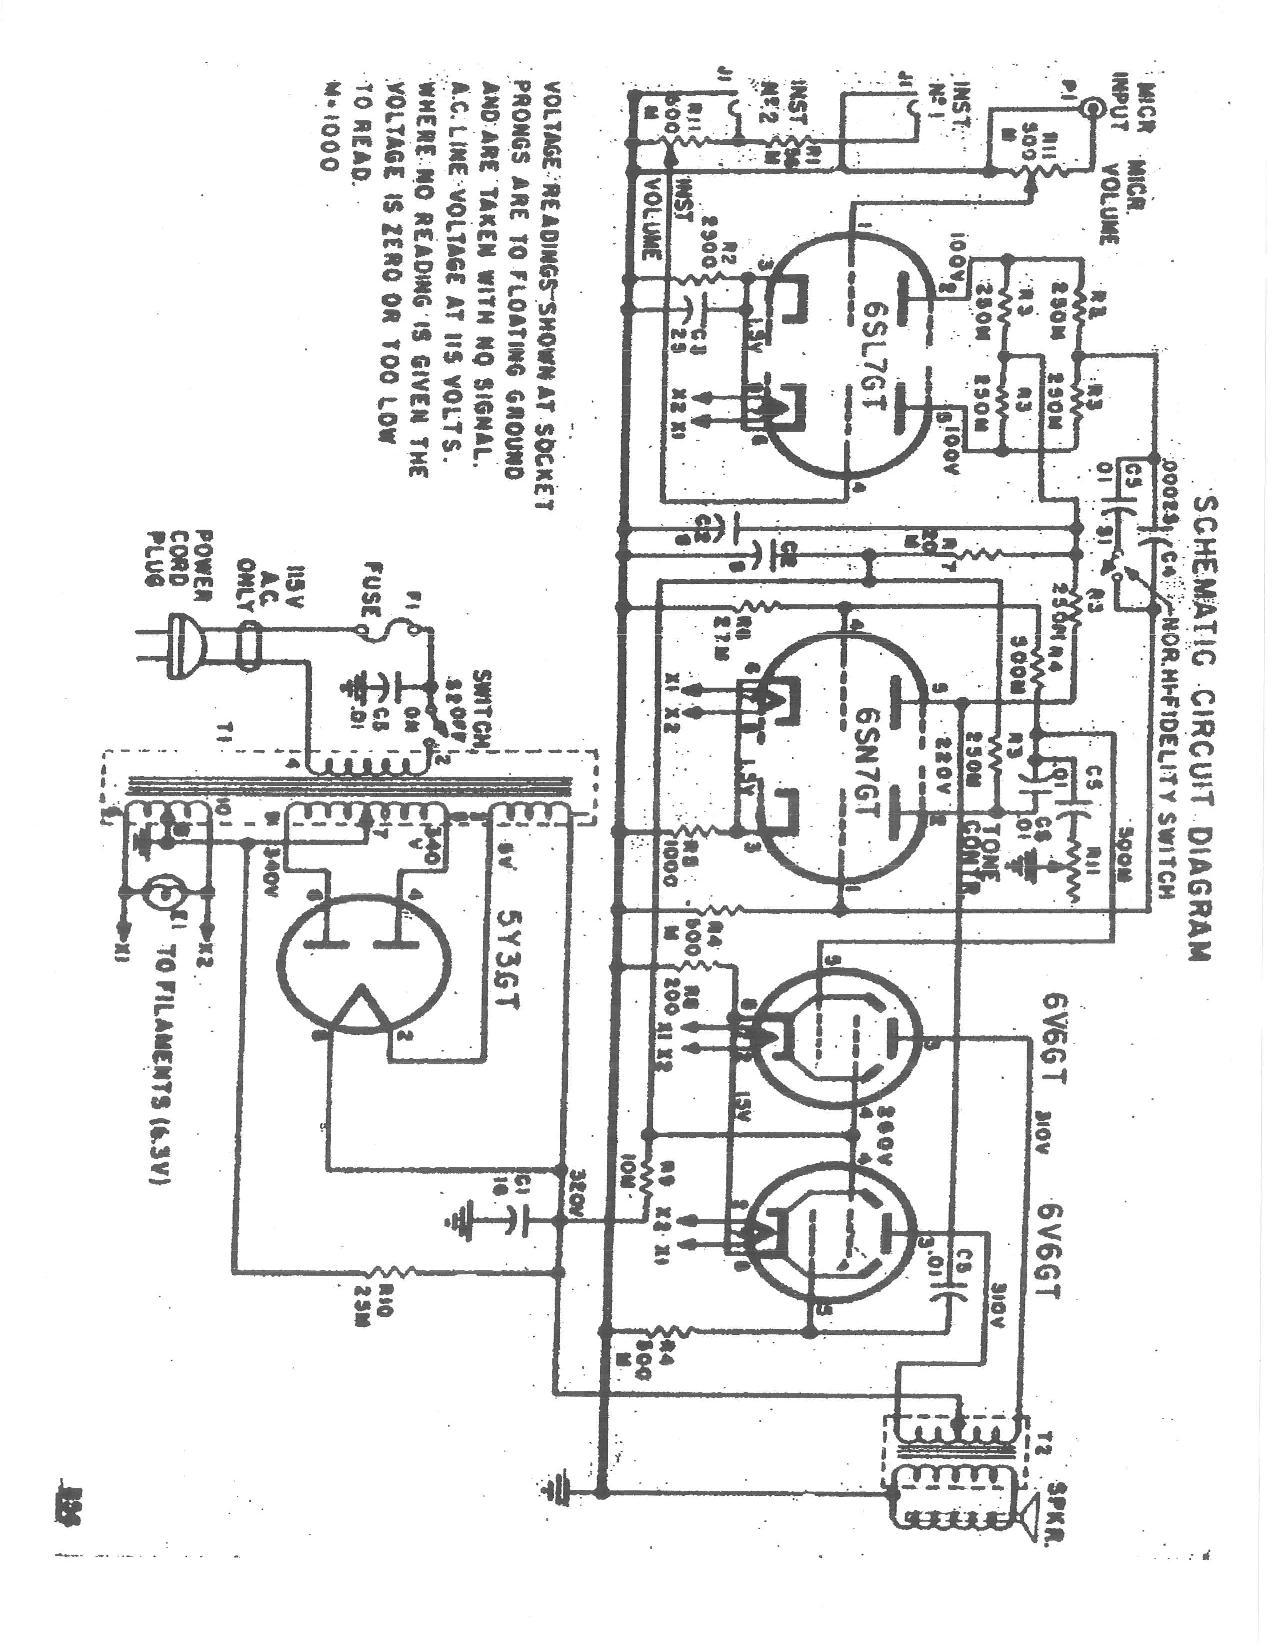 silvertone world - amplifiers - 1940s